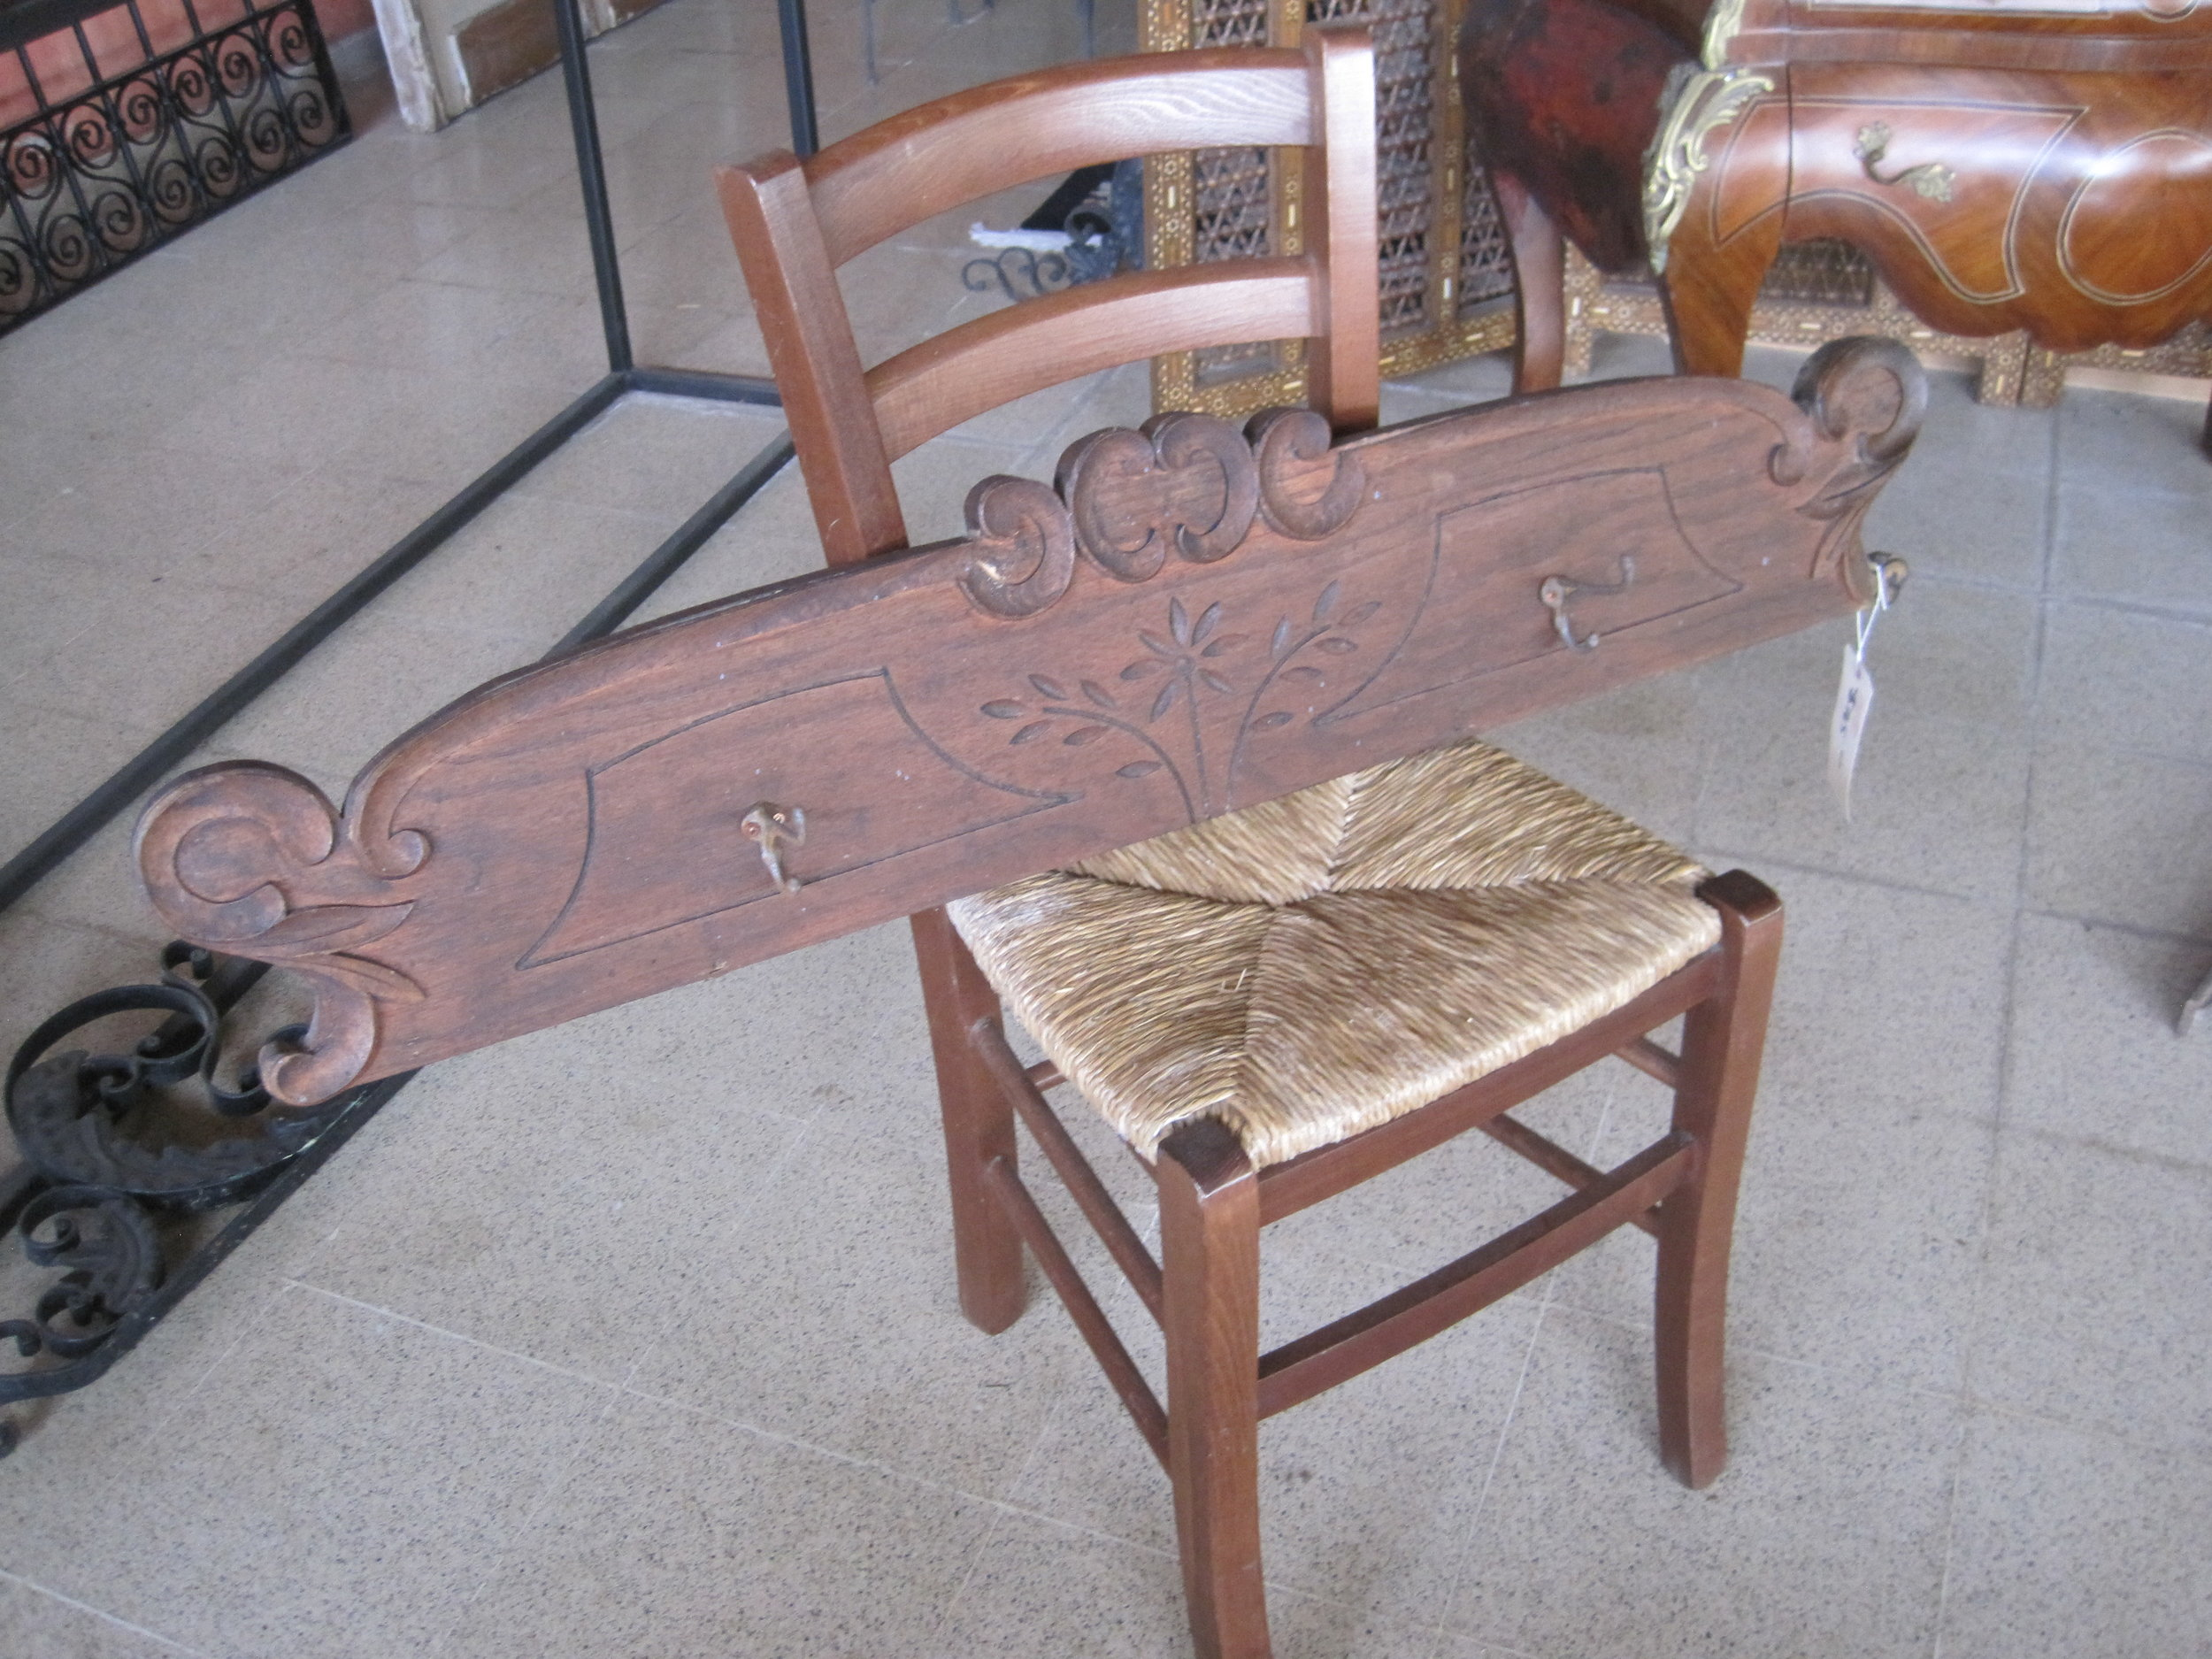 Old Bedhead hook rack - $85